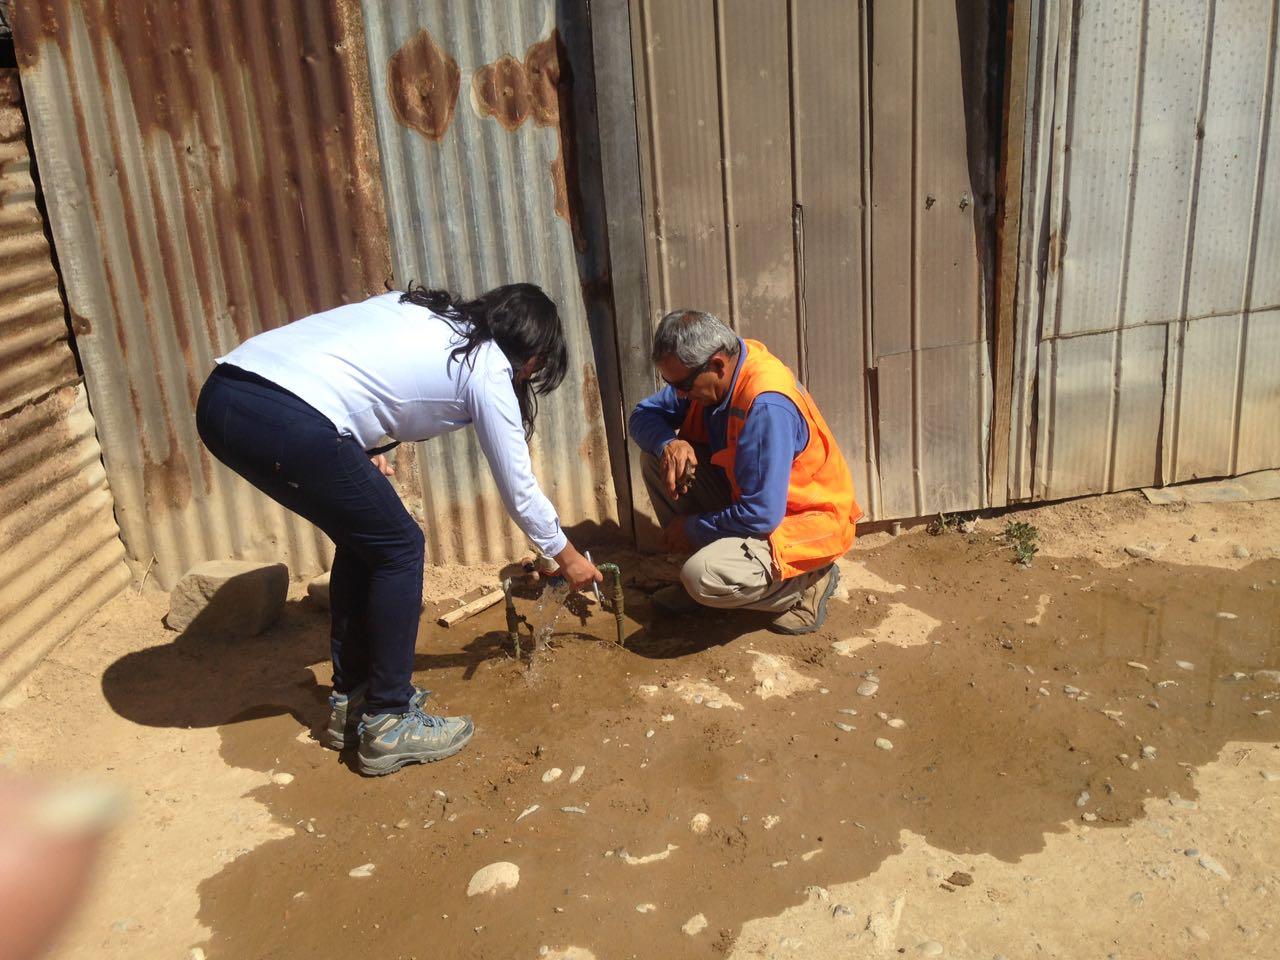 Presentarán denuncia contra Aguas Chañar por alteración de calidad del agua en Freirina